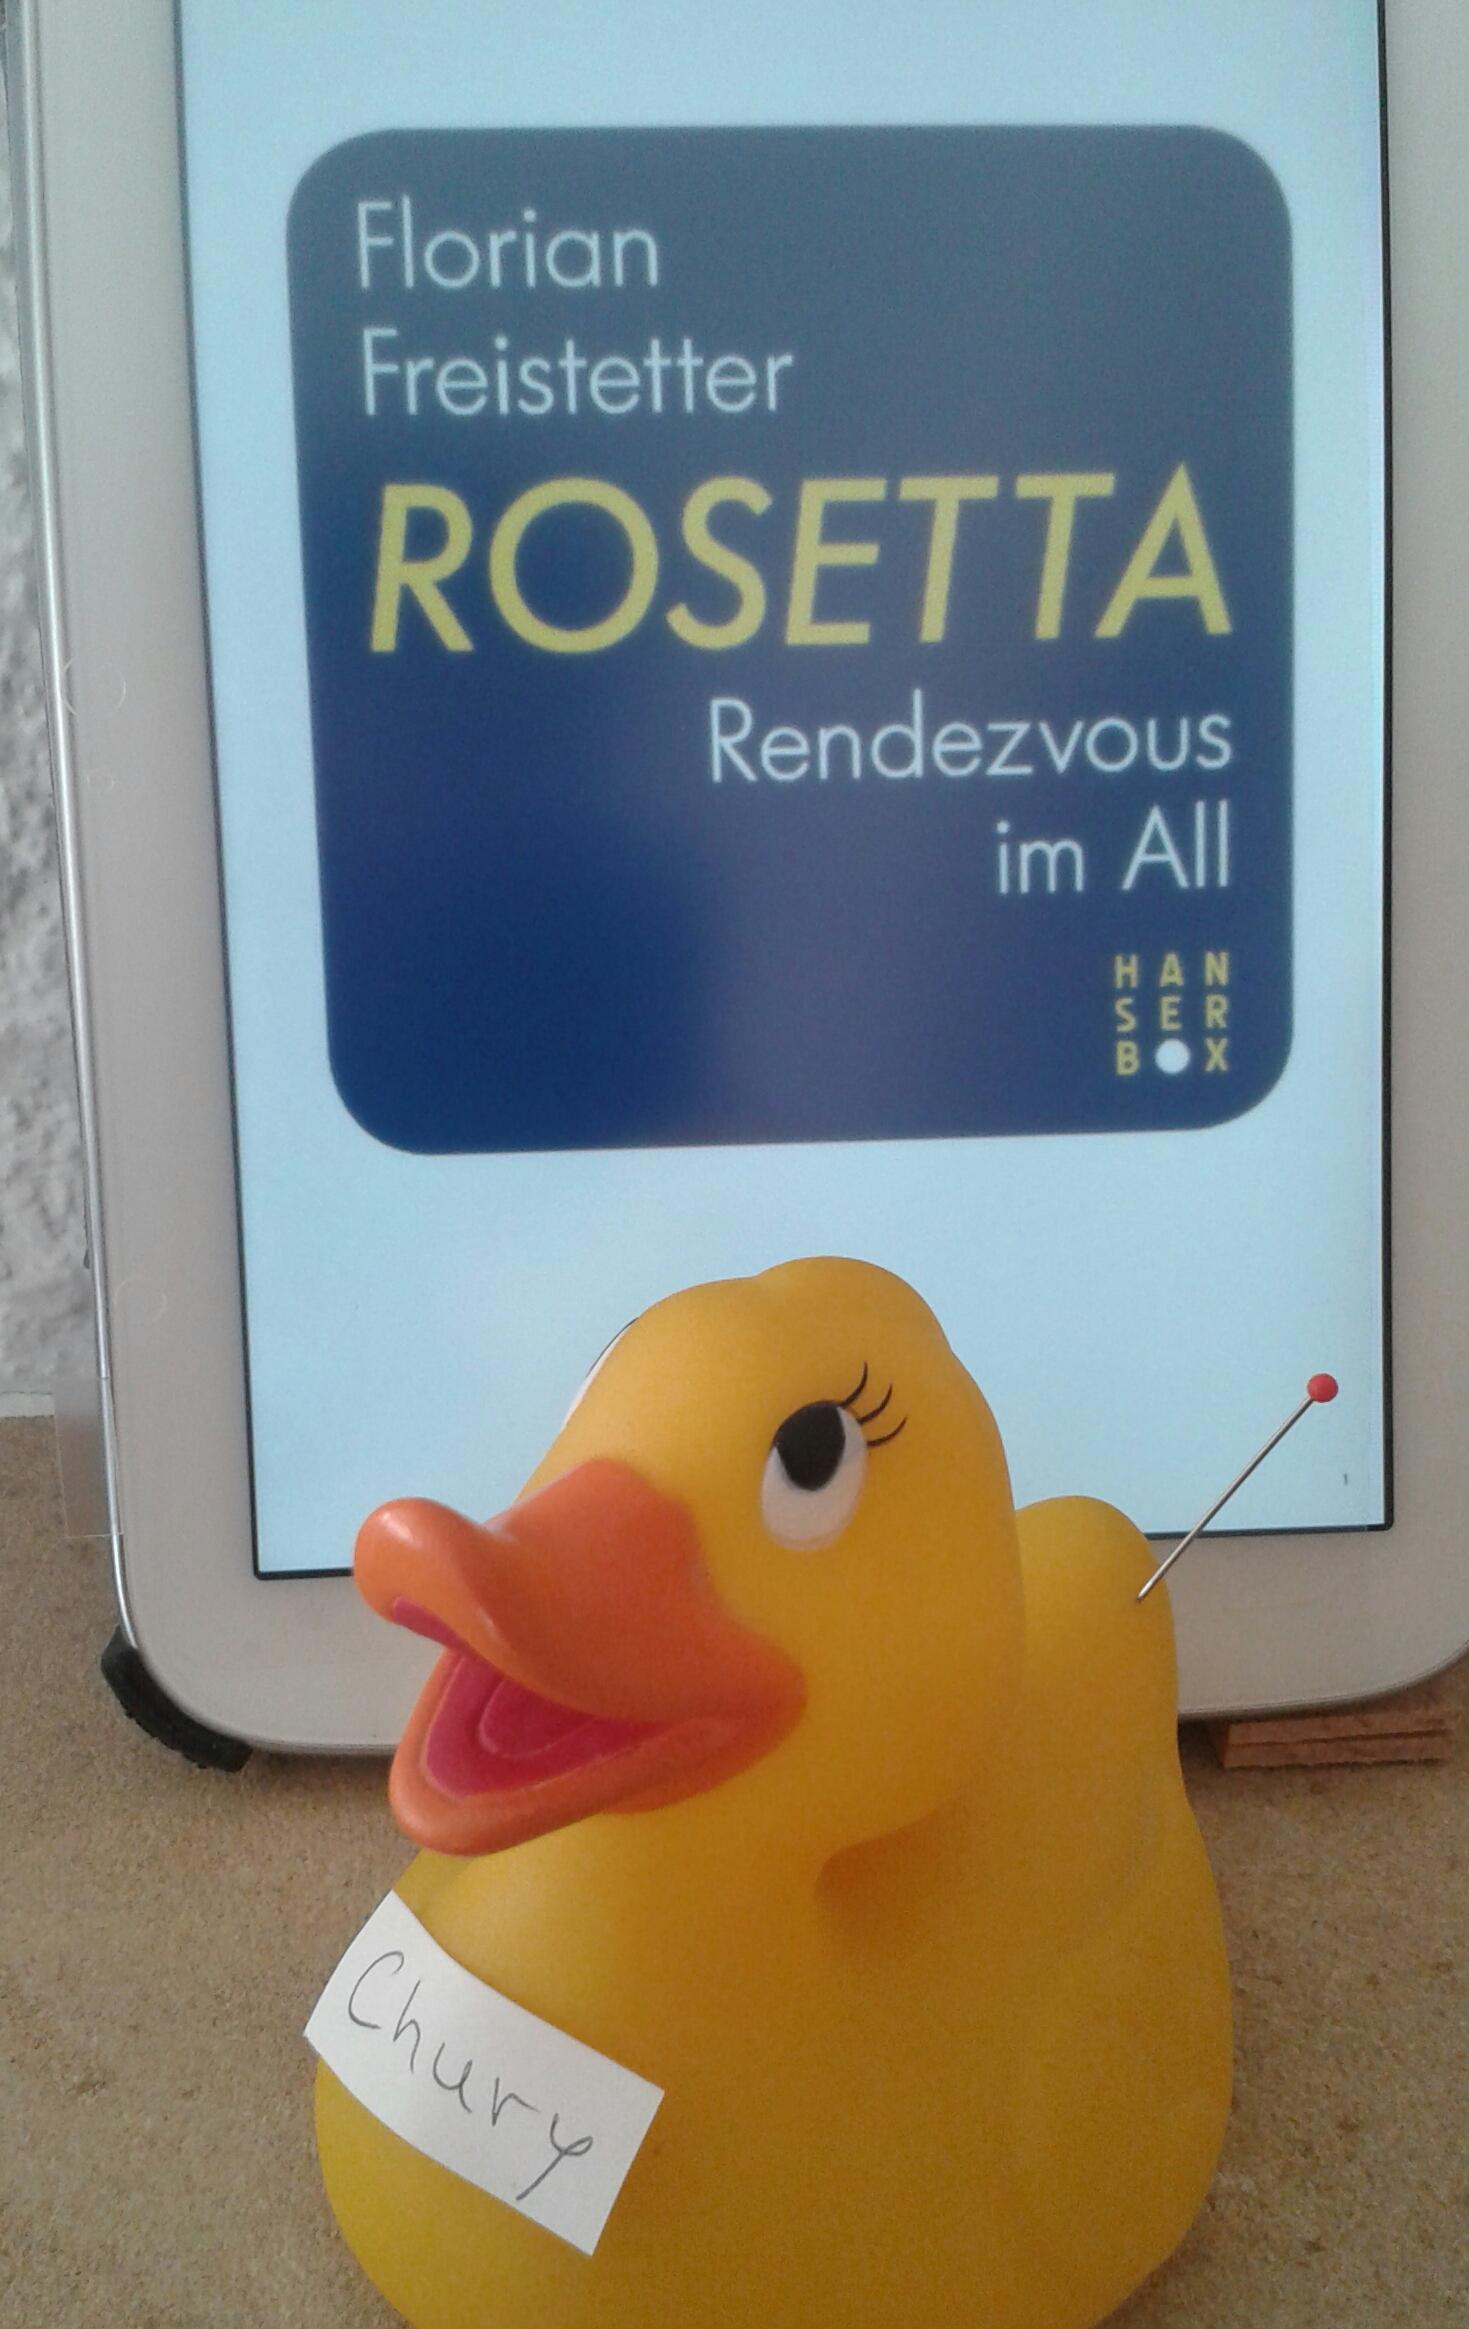 Freistetter Rosetta Rendezvous